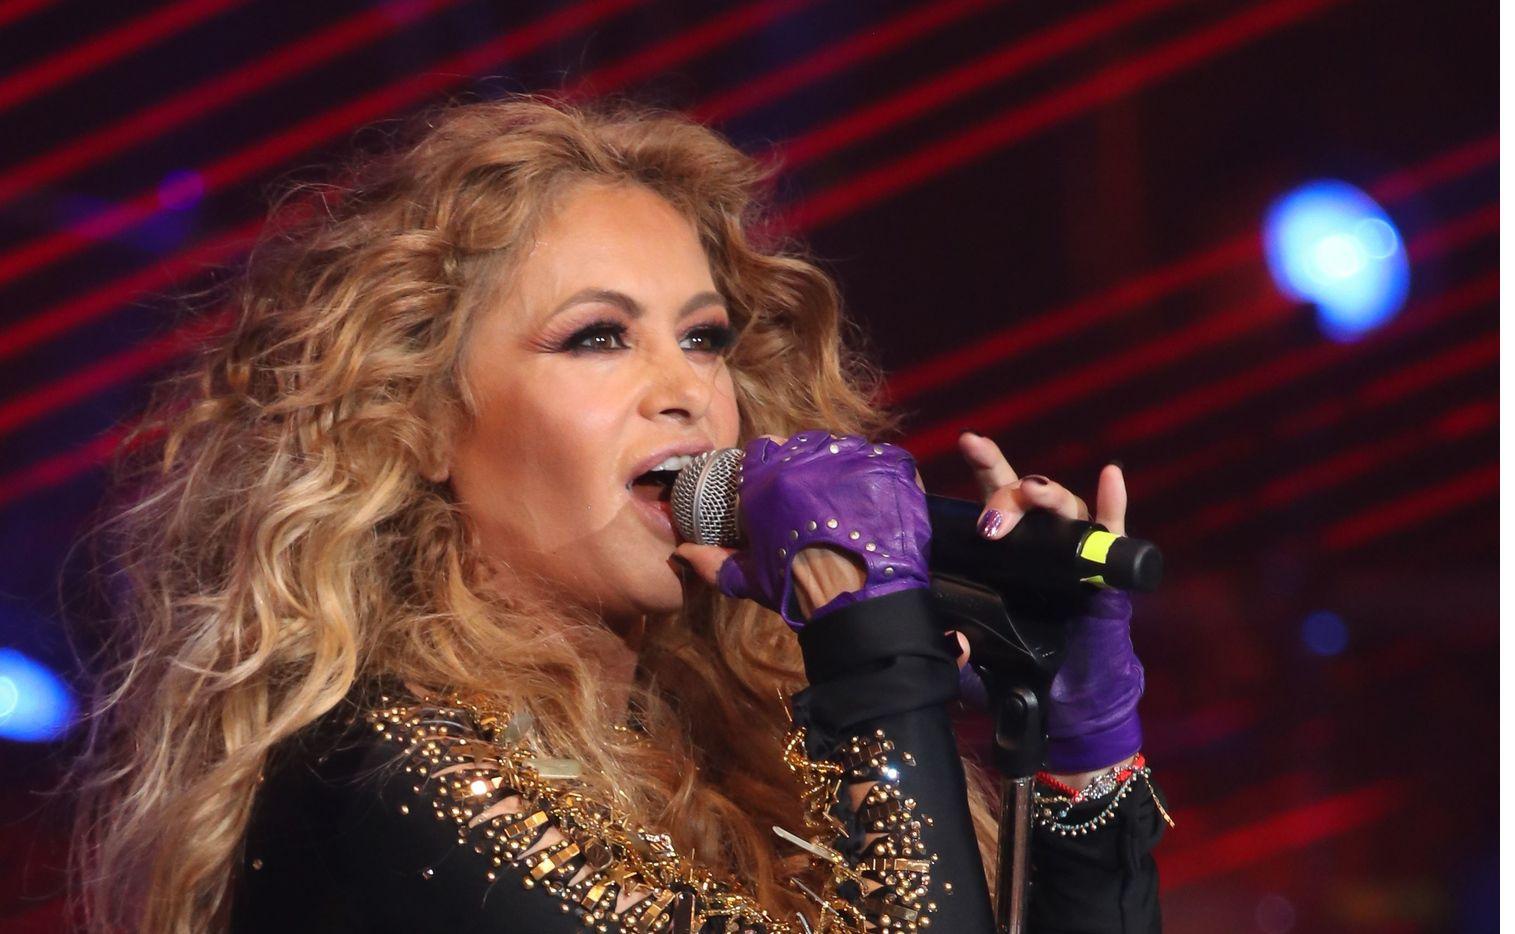 La cantante Paulina Rubio podrá viajar a Europa con su hijo Eros, así lo determinó una jueza de la corte de Miami, quien desestimó la demanda interpuesta por Gerardo Bazúa.